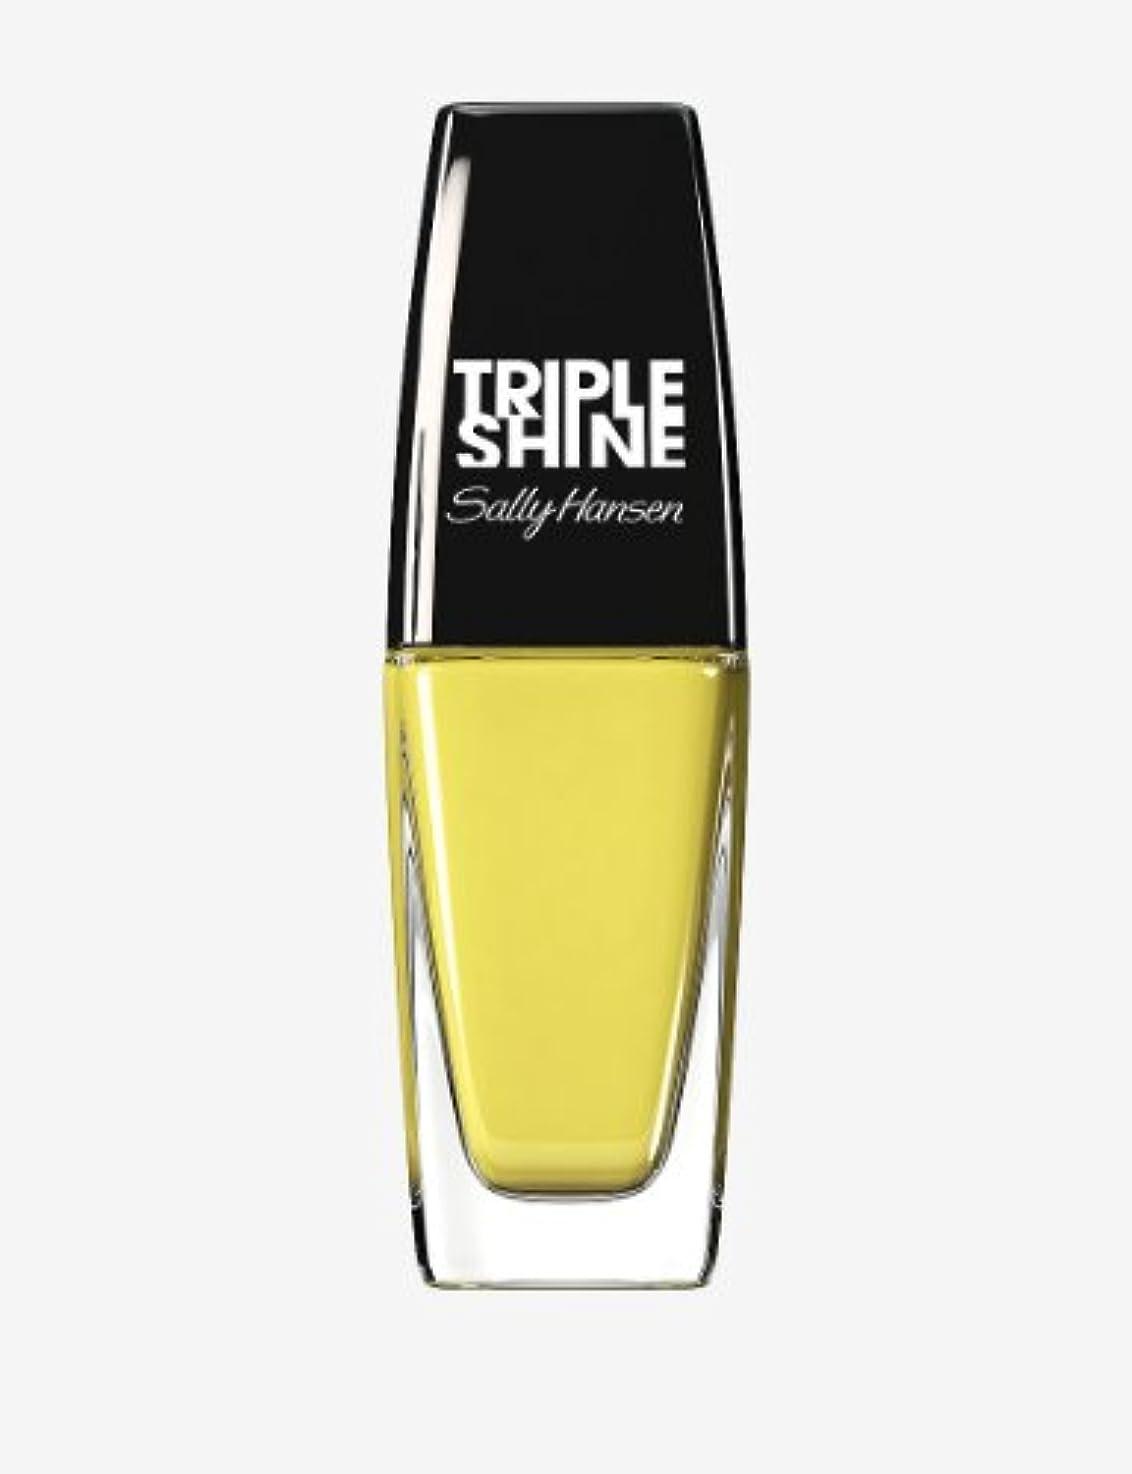 有効なボスマザーランドSALLY HANSEN Triple Shine Nail Polish - Statemint (並行輸入品)